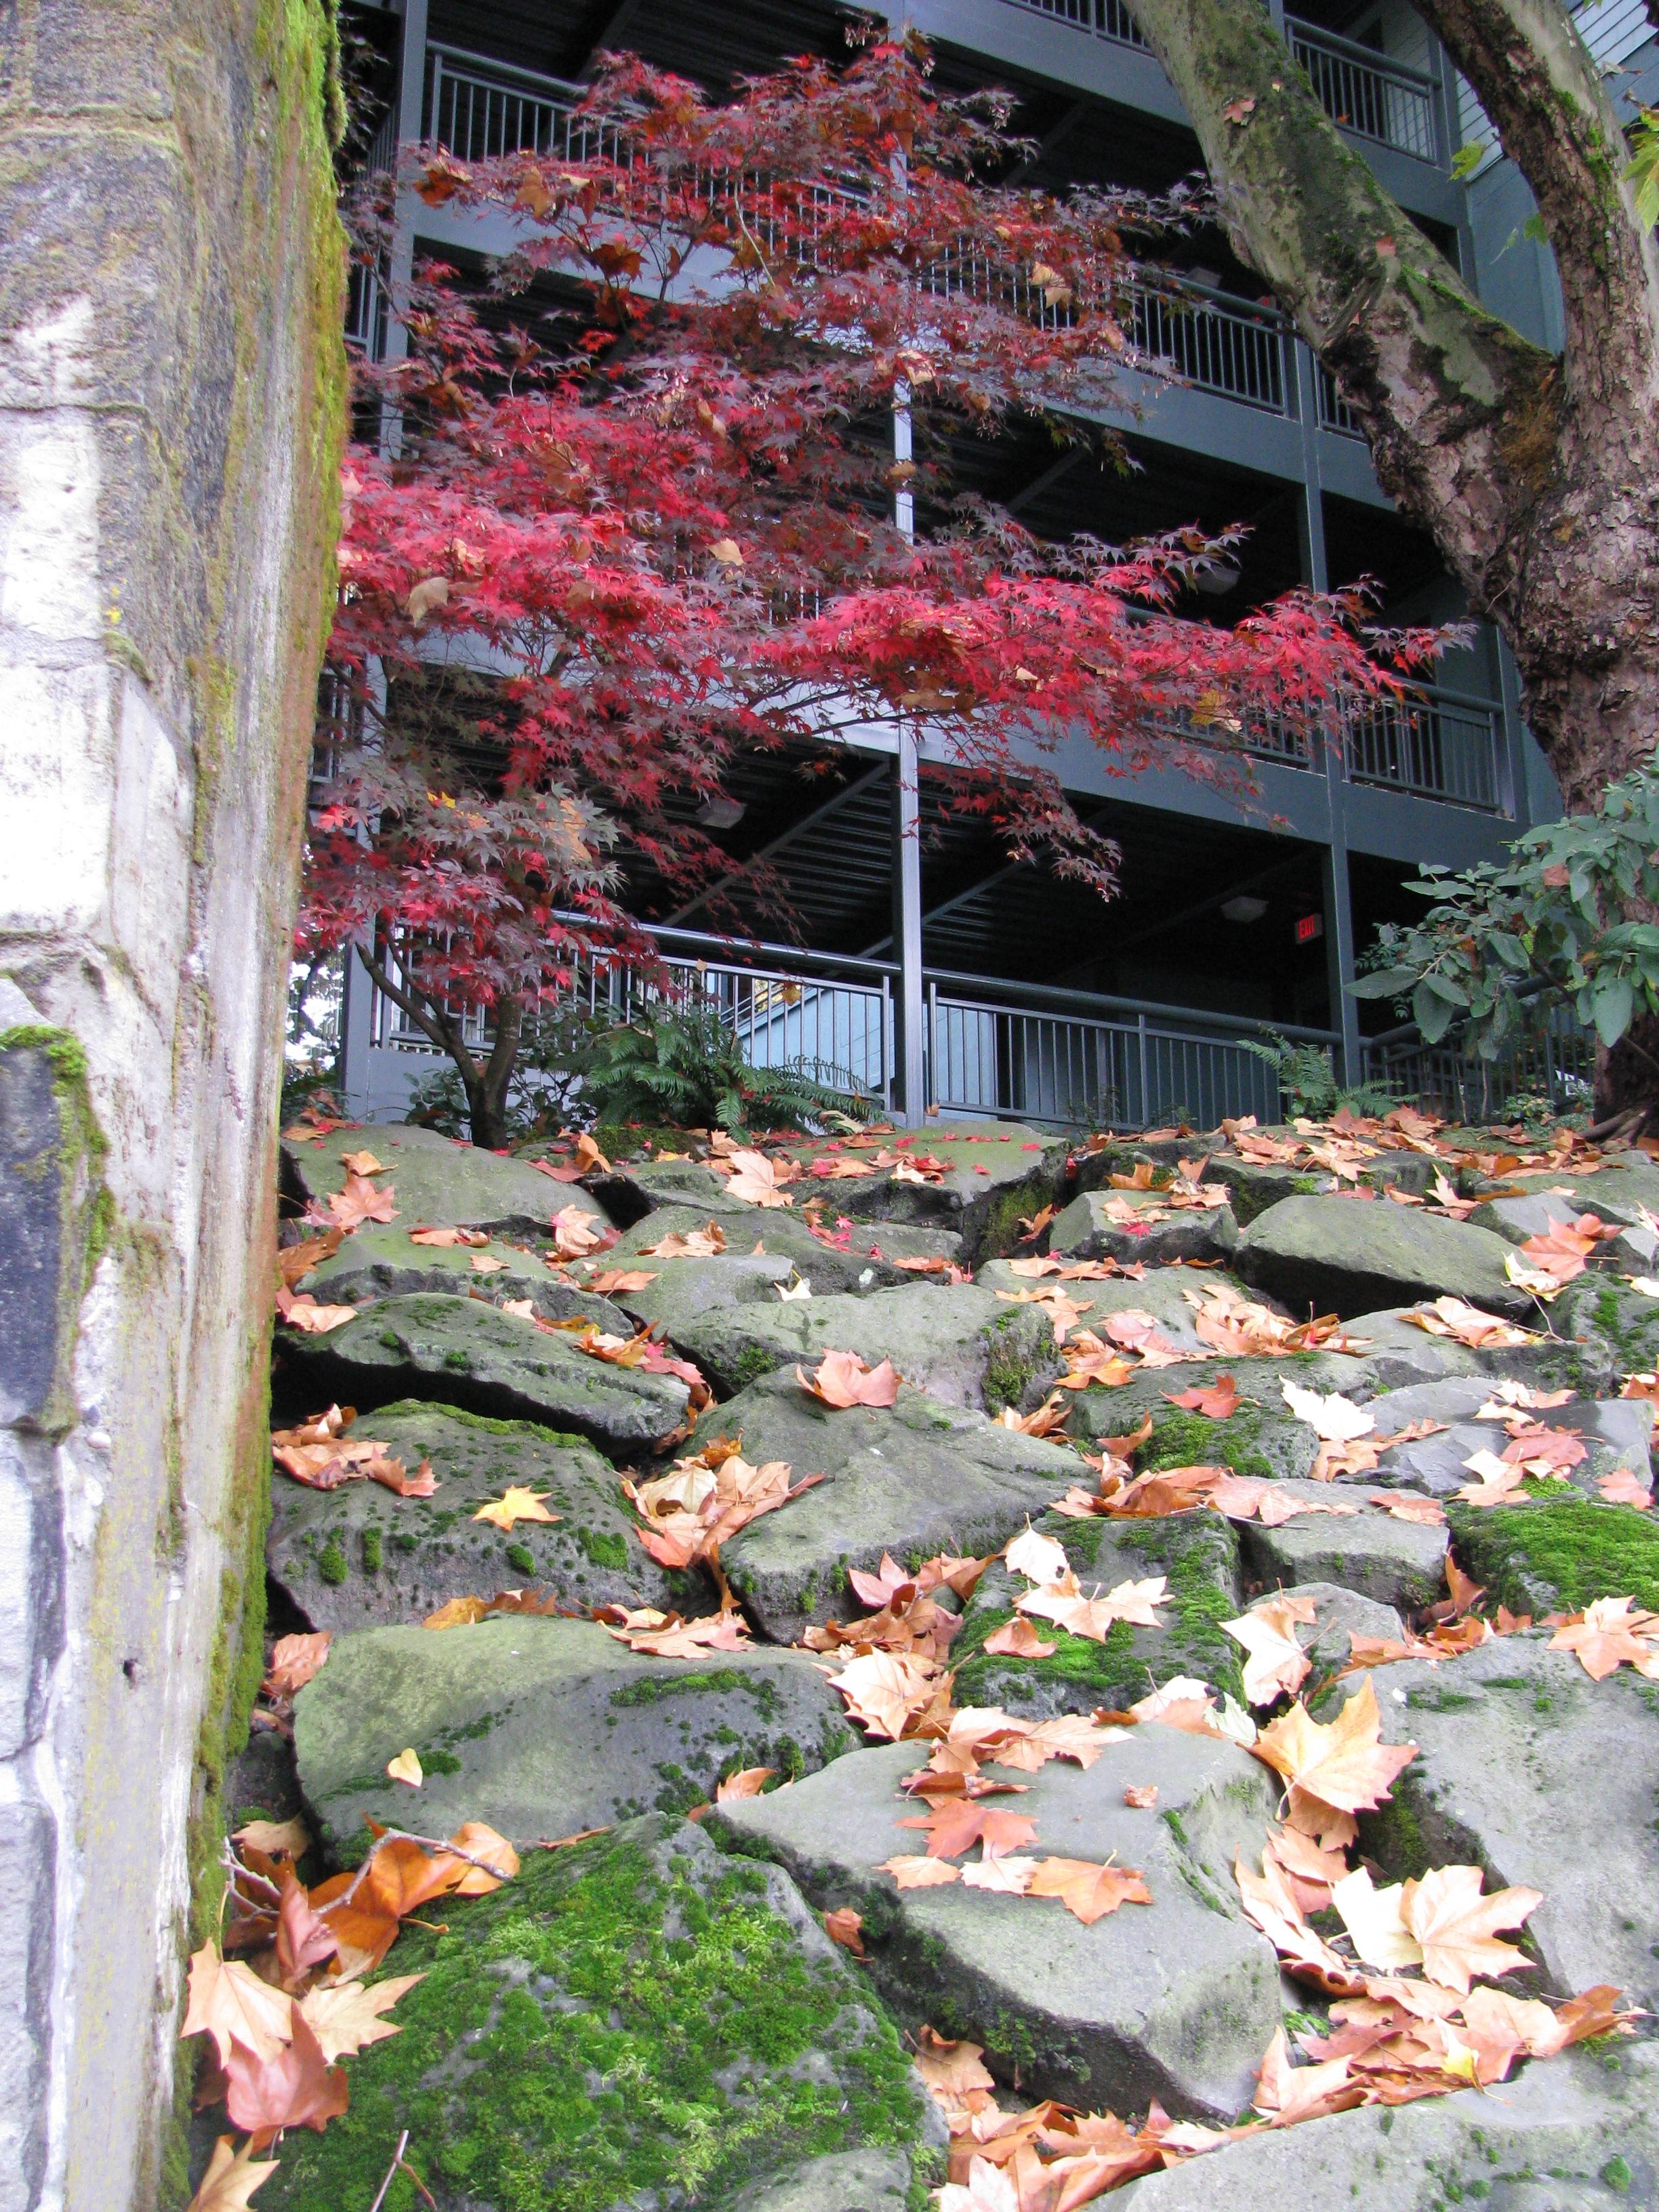 Arbor Vista Nov 08 006.jpg